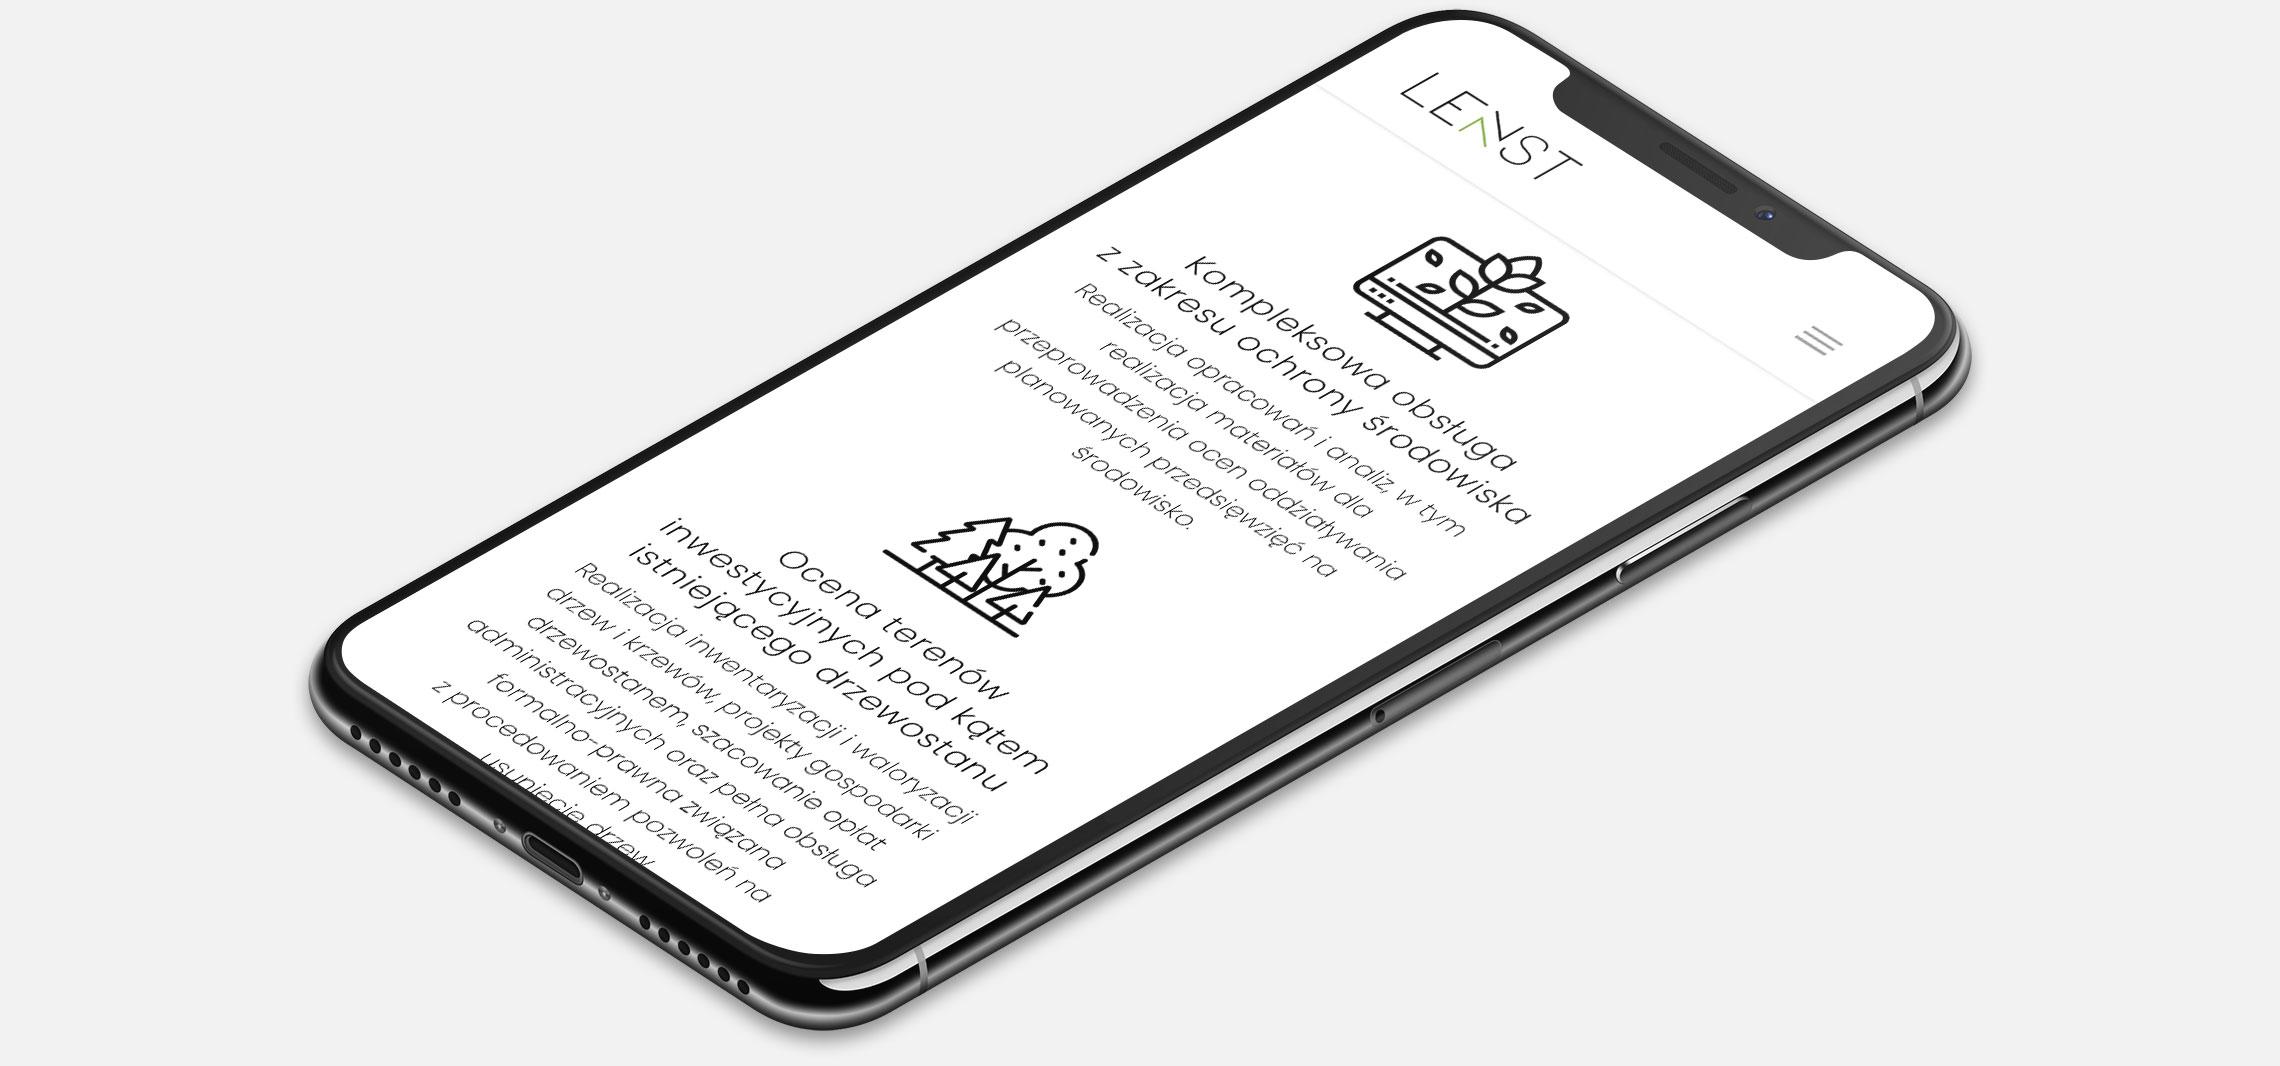 Strona internetowa Lenst wwersji naurządzenia mobilne (smartfon)